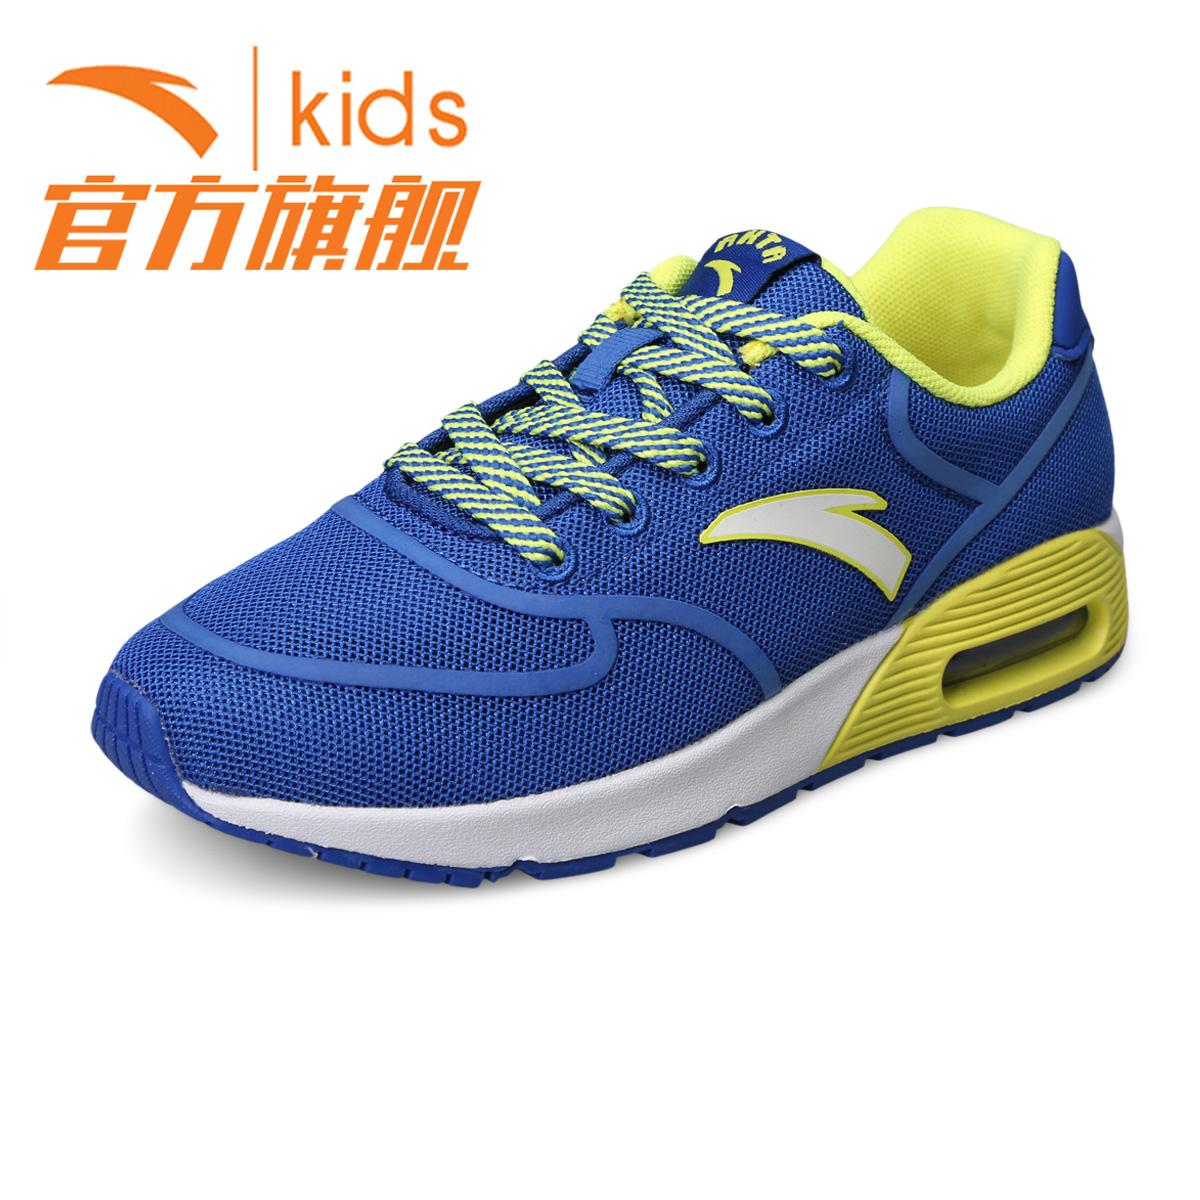 安踏童鞋 男童鞋中大童 鞋 兒童鞋子跑步鞋減震氣墊鞋男鞋